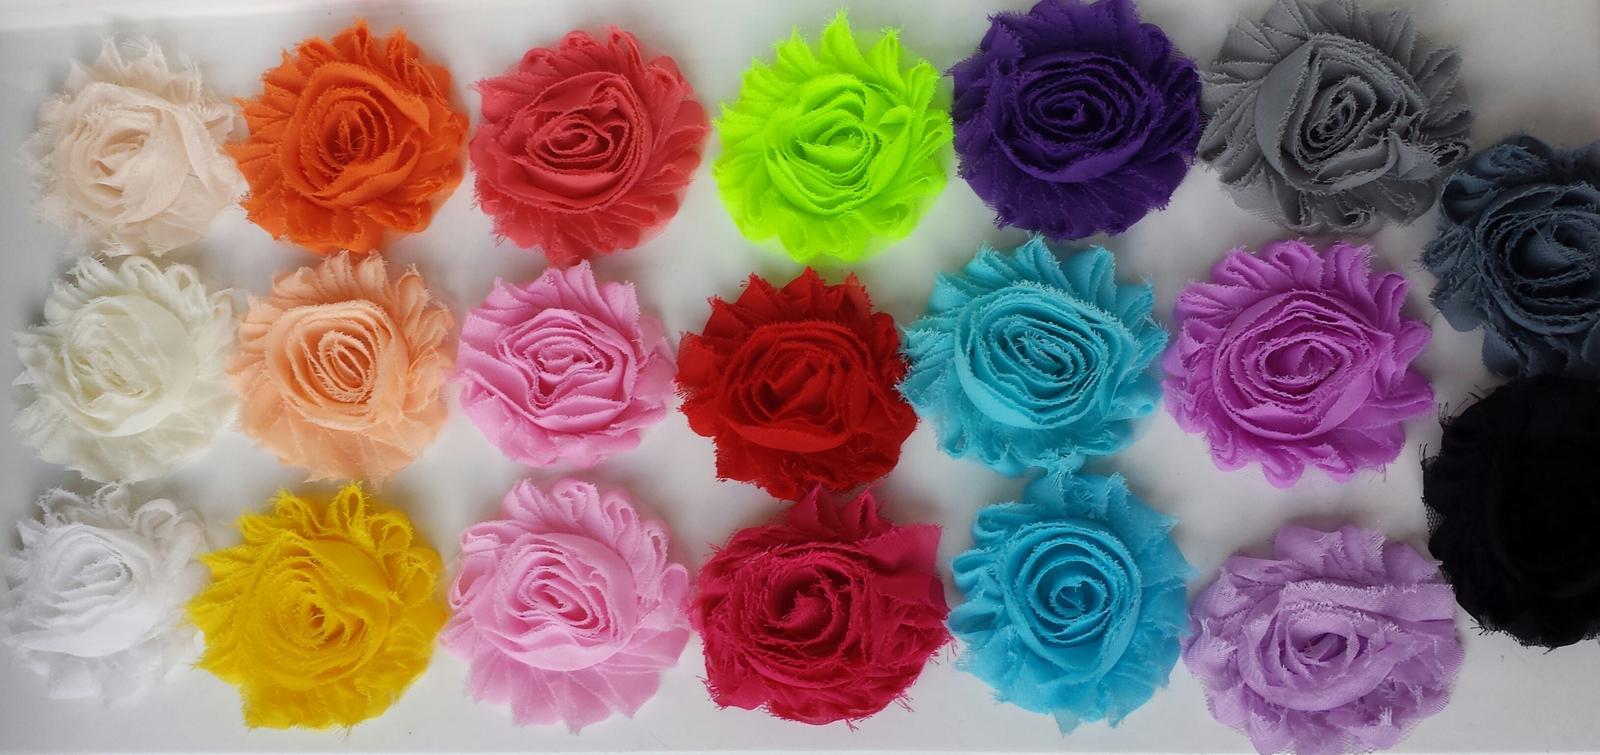 Polštářky pod prstýnky - Barevne kvetinky nejen na polstarky